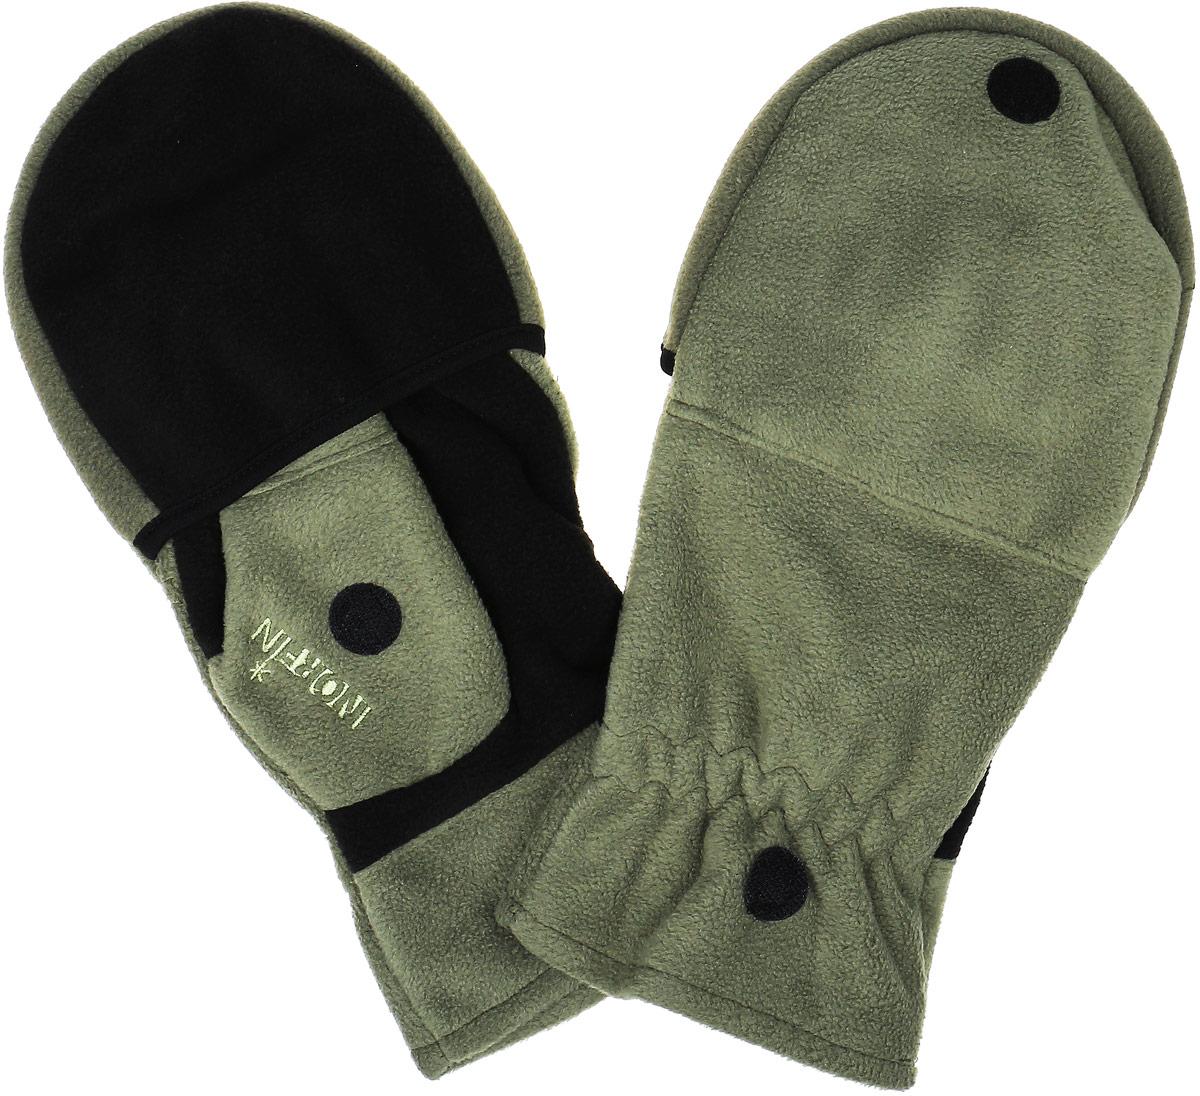 Перчатки-варежки мужские Norfin 73, цвет: зеленый. 701103-L. Размер L (9) перчатки мма everlast перчатки тренировочные prime mma l xl